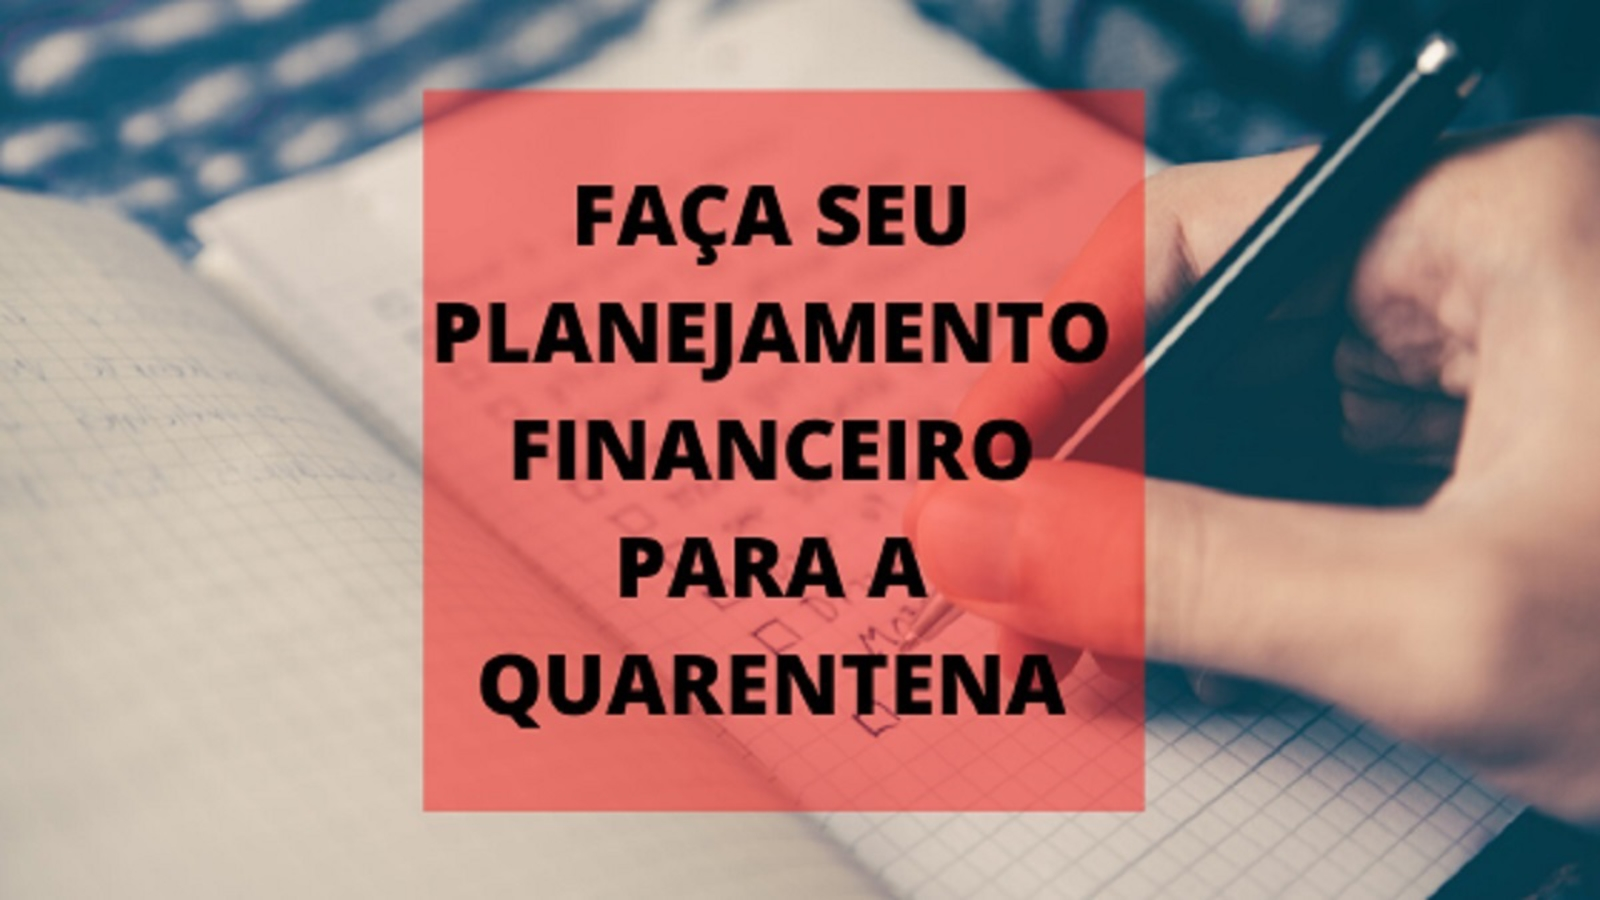 quarentena planejamento financeiros